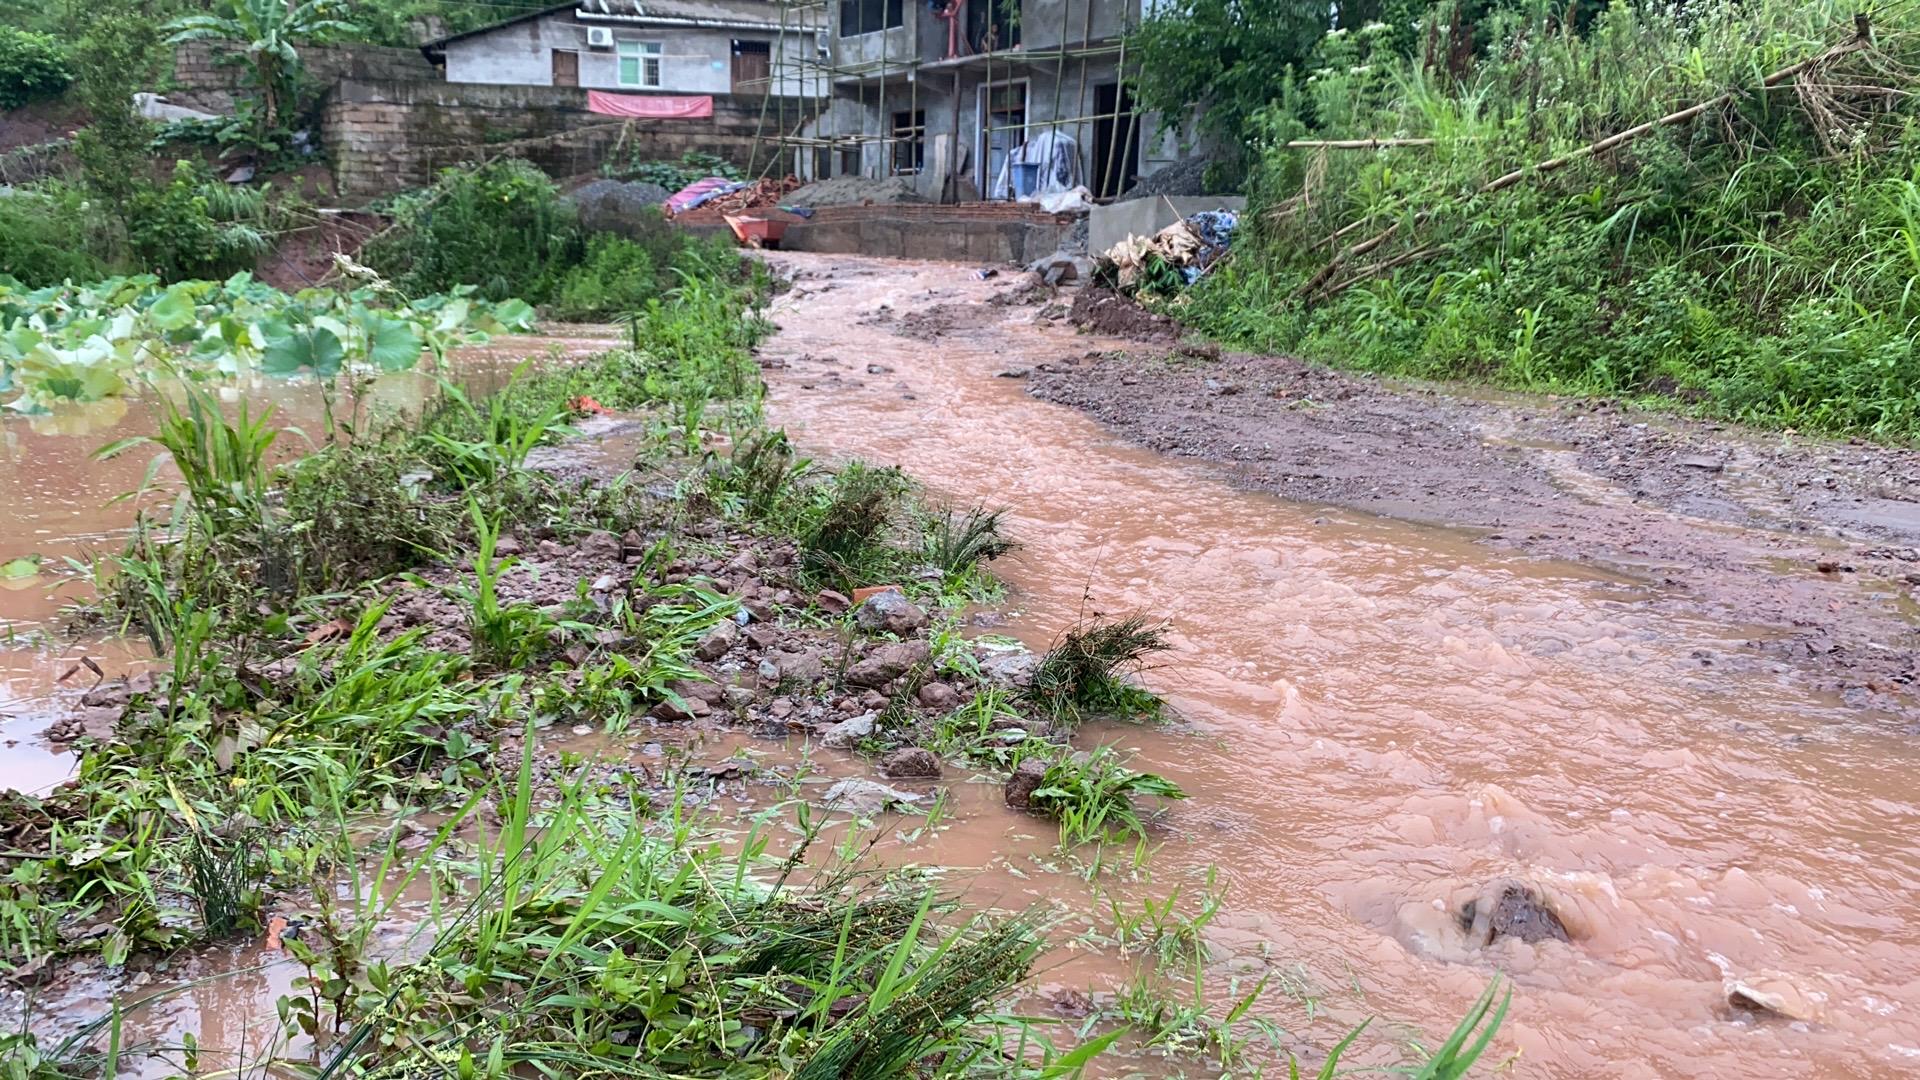 【摩天登录】洪水和山洪灾害预警调整为Ⅳ级摩天登录图片